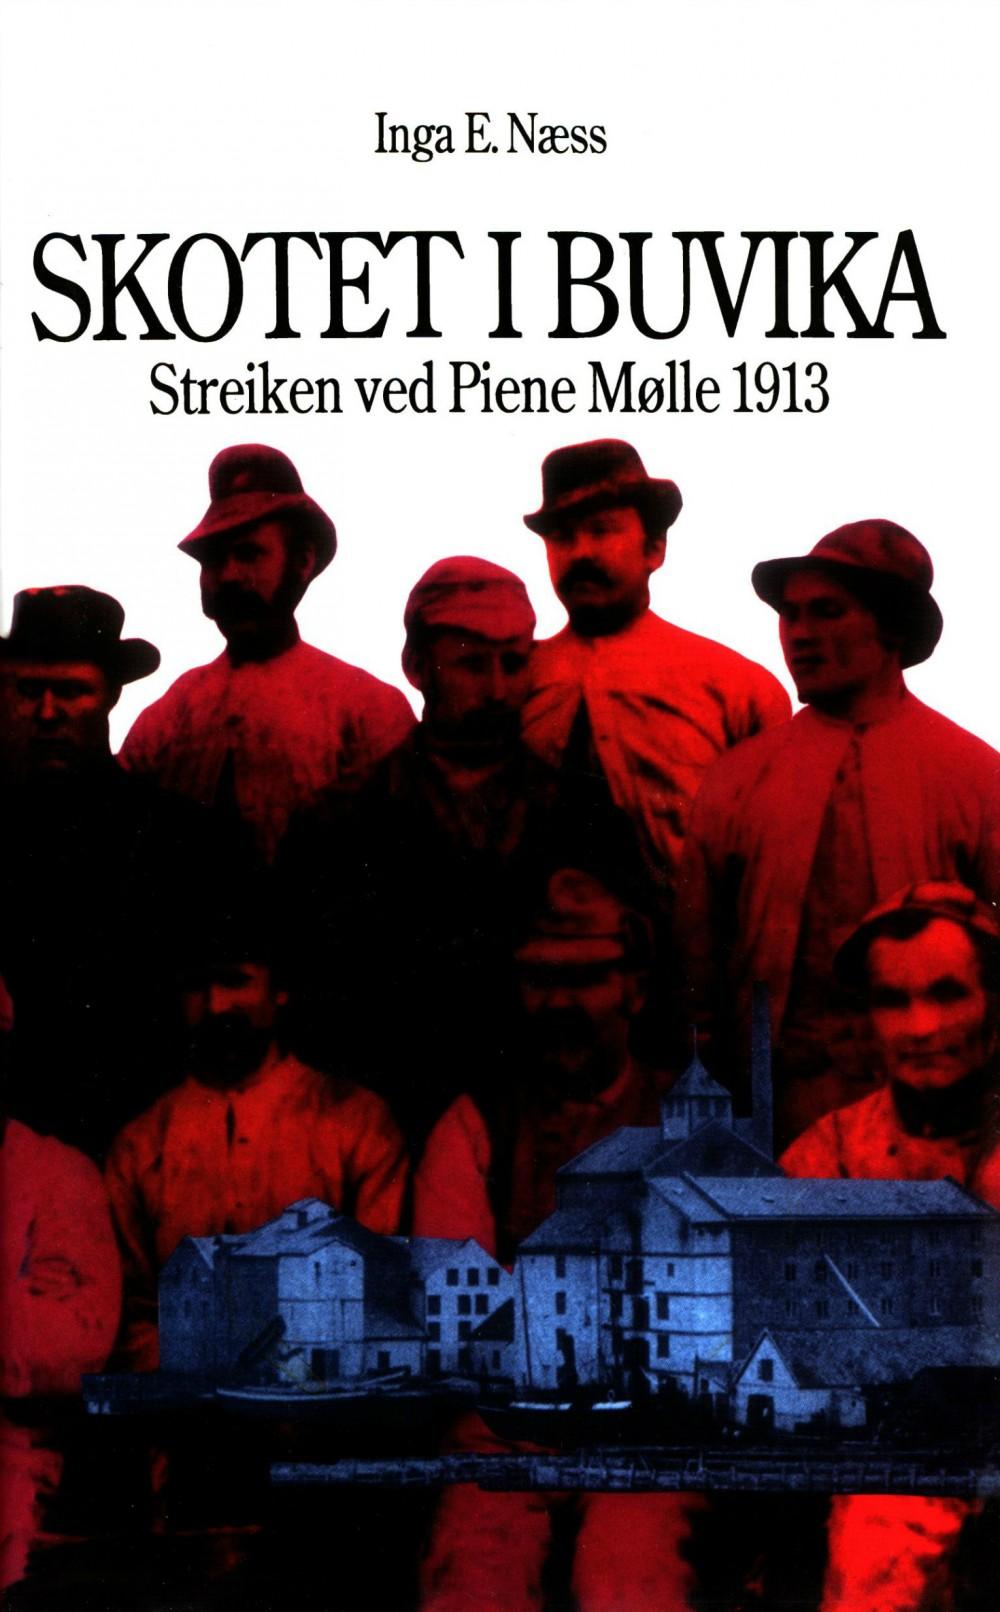 Inga E. Næss: Skotet i Buvika - Streiken ved Piene Mølle 1913